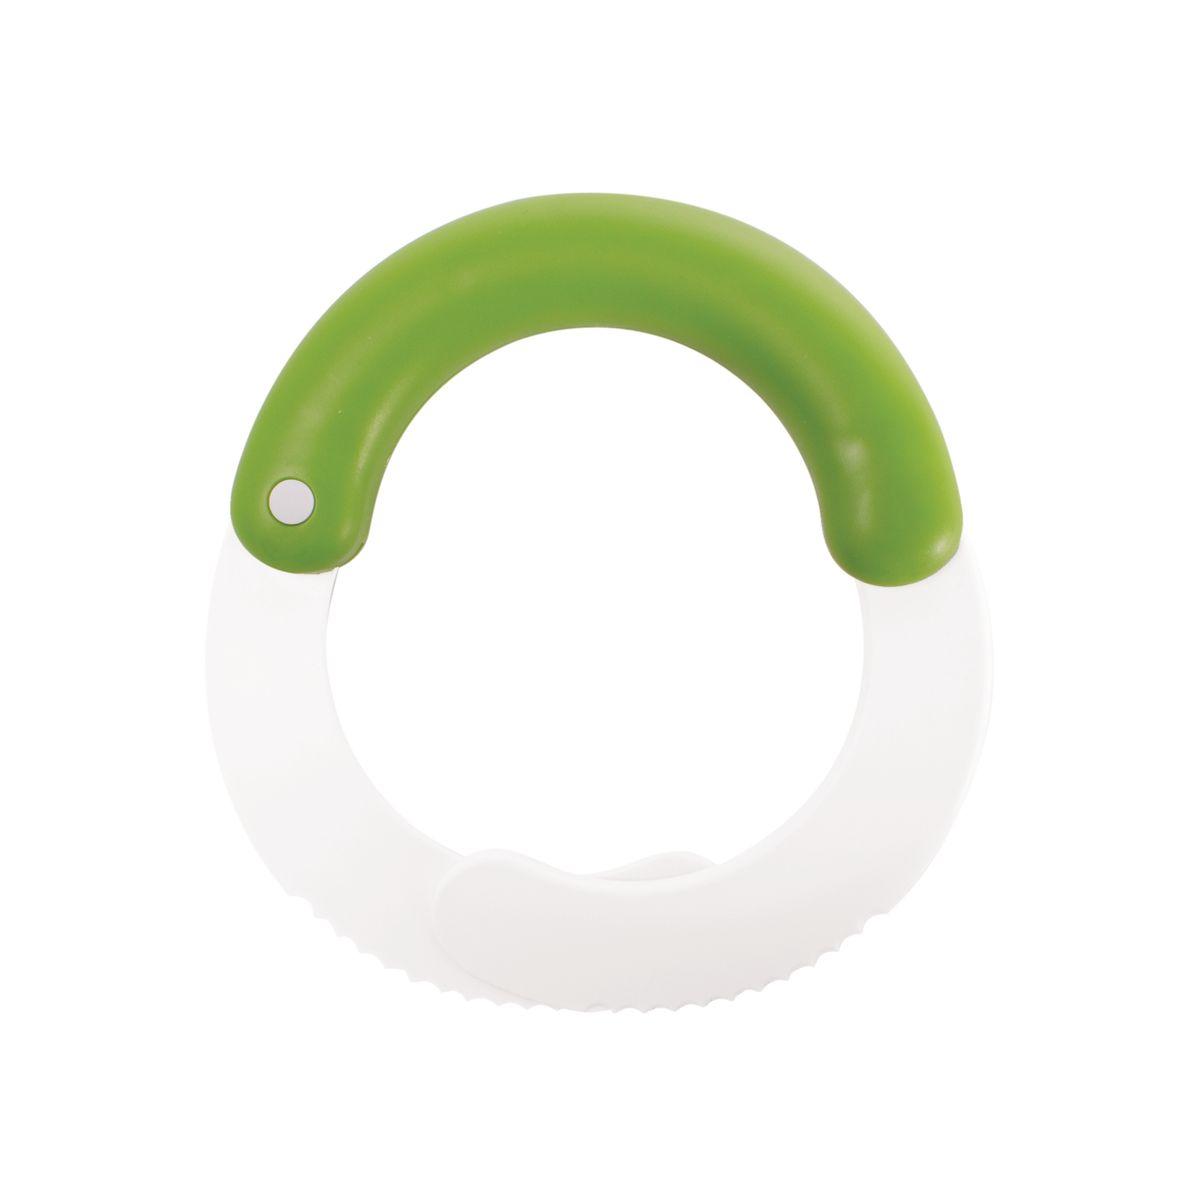 Измельчитель для листьев ChefnCM000001326Измельчитель для листьев Chefn позволит легко и просто подготовить салат для любого блюда. Этим устройством удобно пользоваться на разделочной доске или прямо в миске. Резиновая ручка обеспечивает надежный захват, а зазубренные лезвия быстро режут листья салата, оставляя их свежими и предотвращая увядание. Продукция торговой марки Chefn призвана облегчить и упростить работу на кухне.Можно мыть в посудомоечной машине.